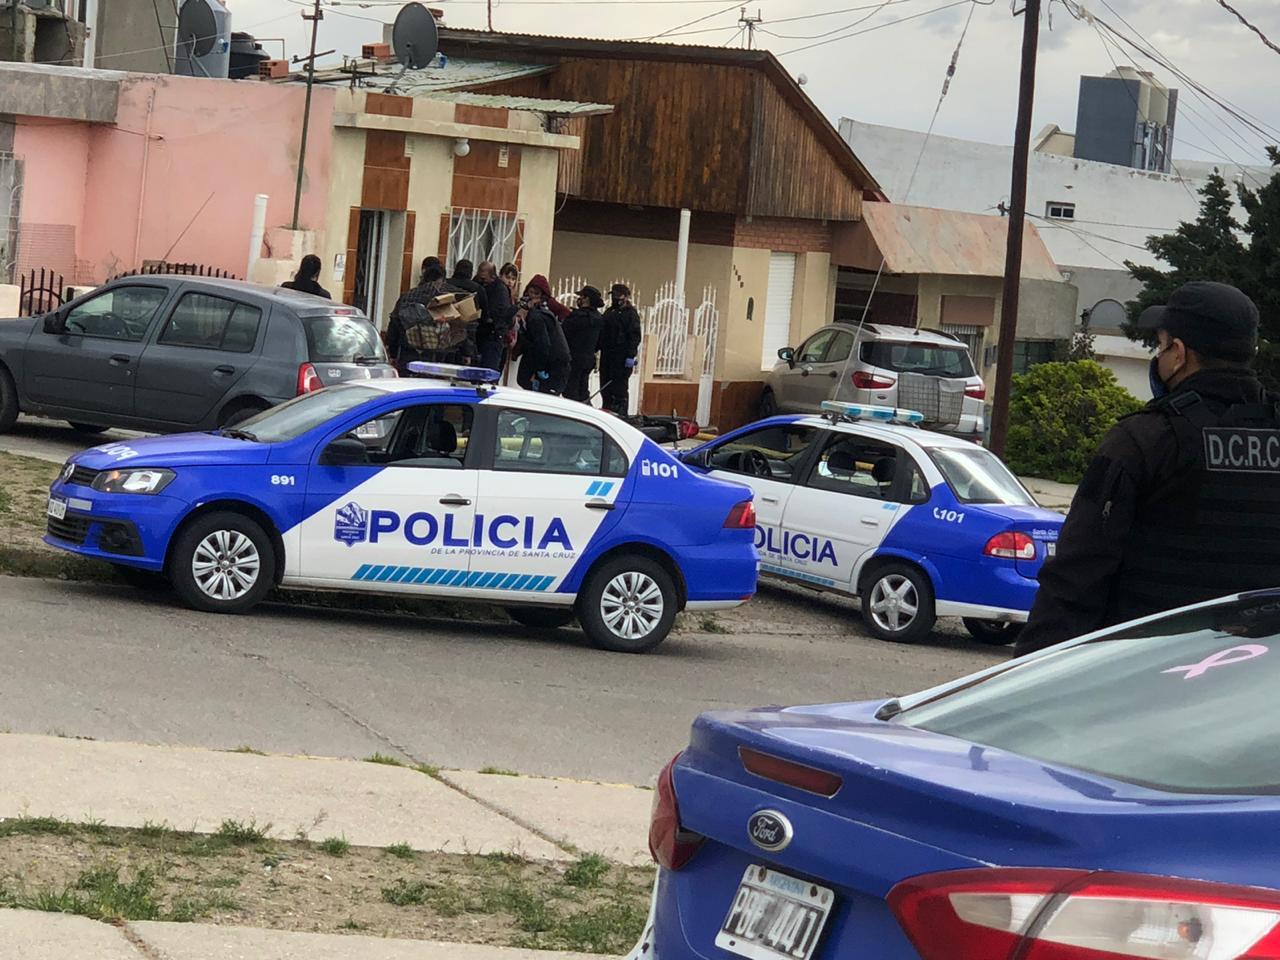 Foto: David Capitanelli/La Opinión Zona Norte